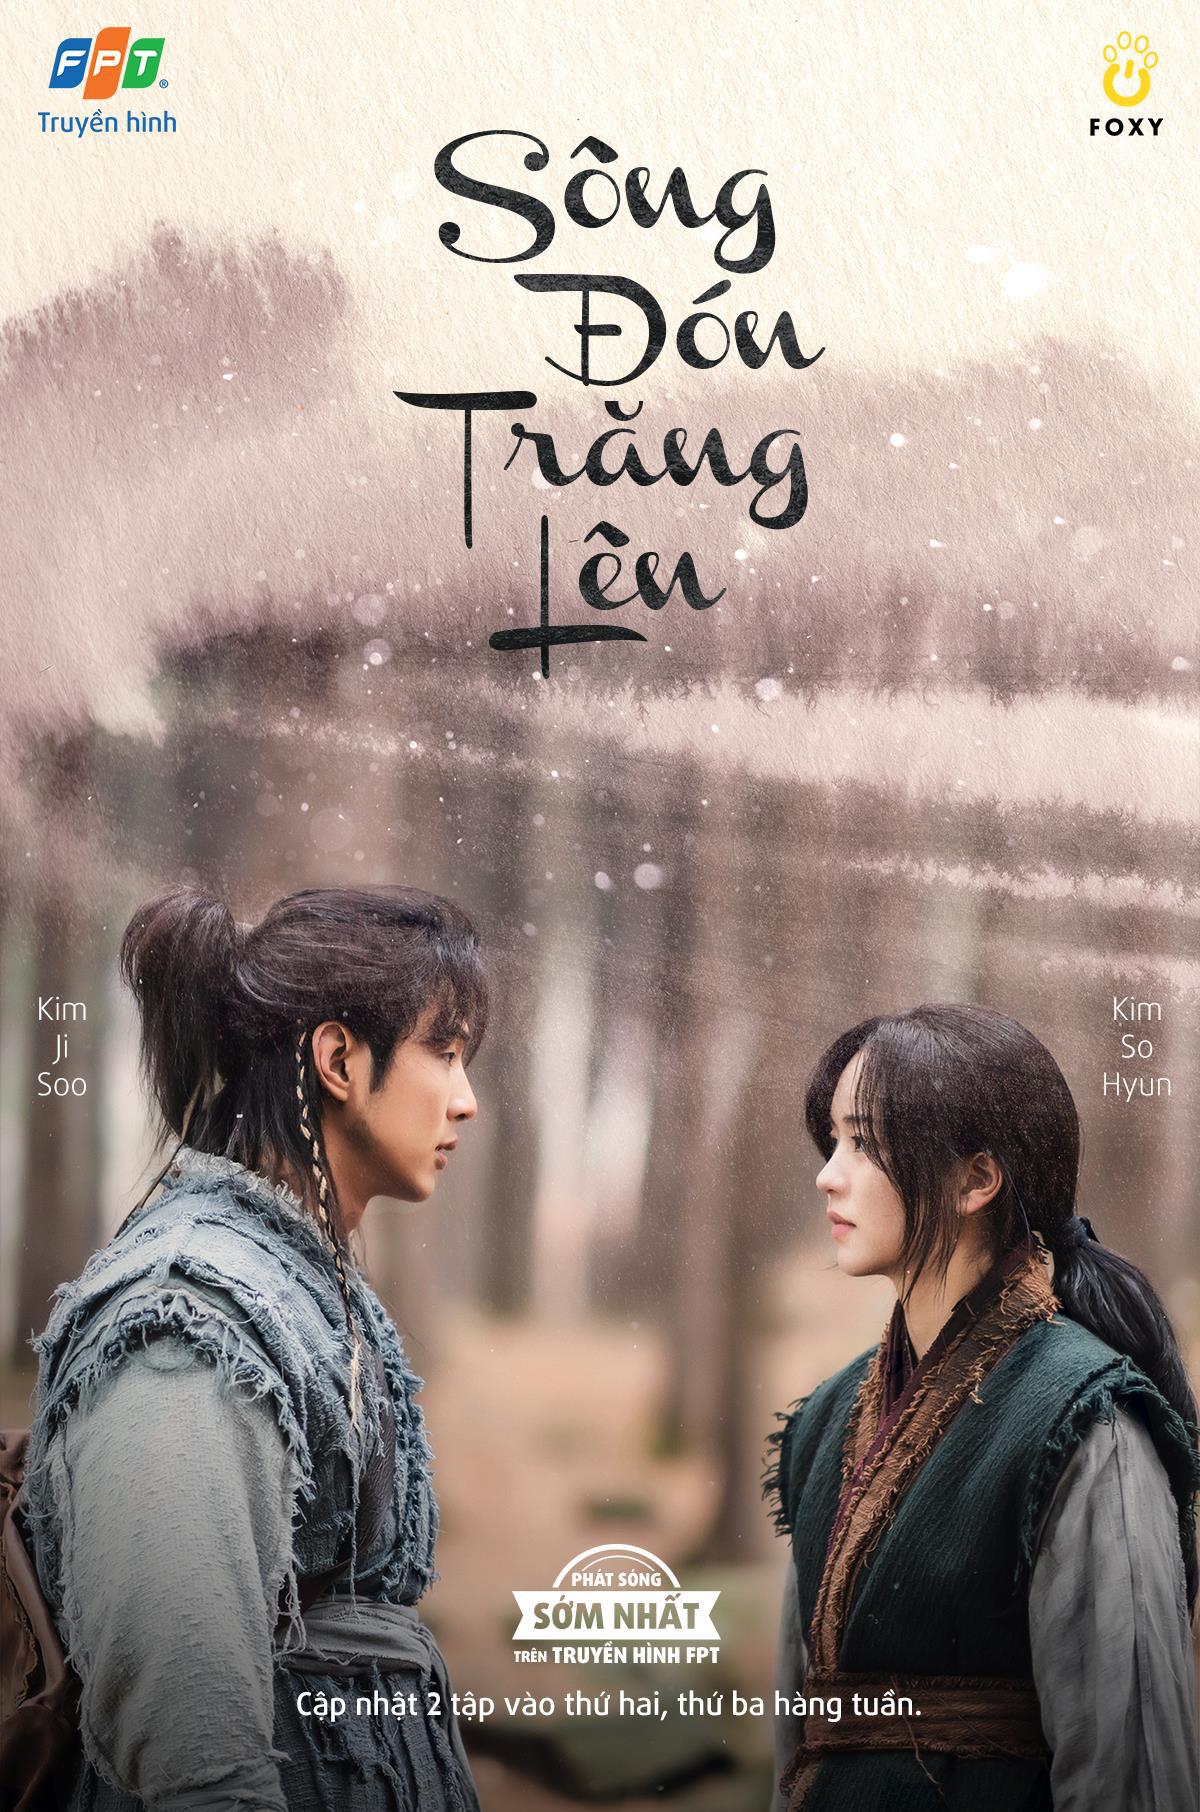 Sông Đón Trăng Lên, bộ phim cổ trang Hàn Quốc mới nhất không thể bỏ qua - Ảnh 1.